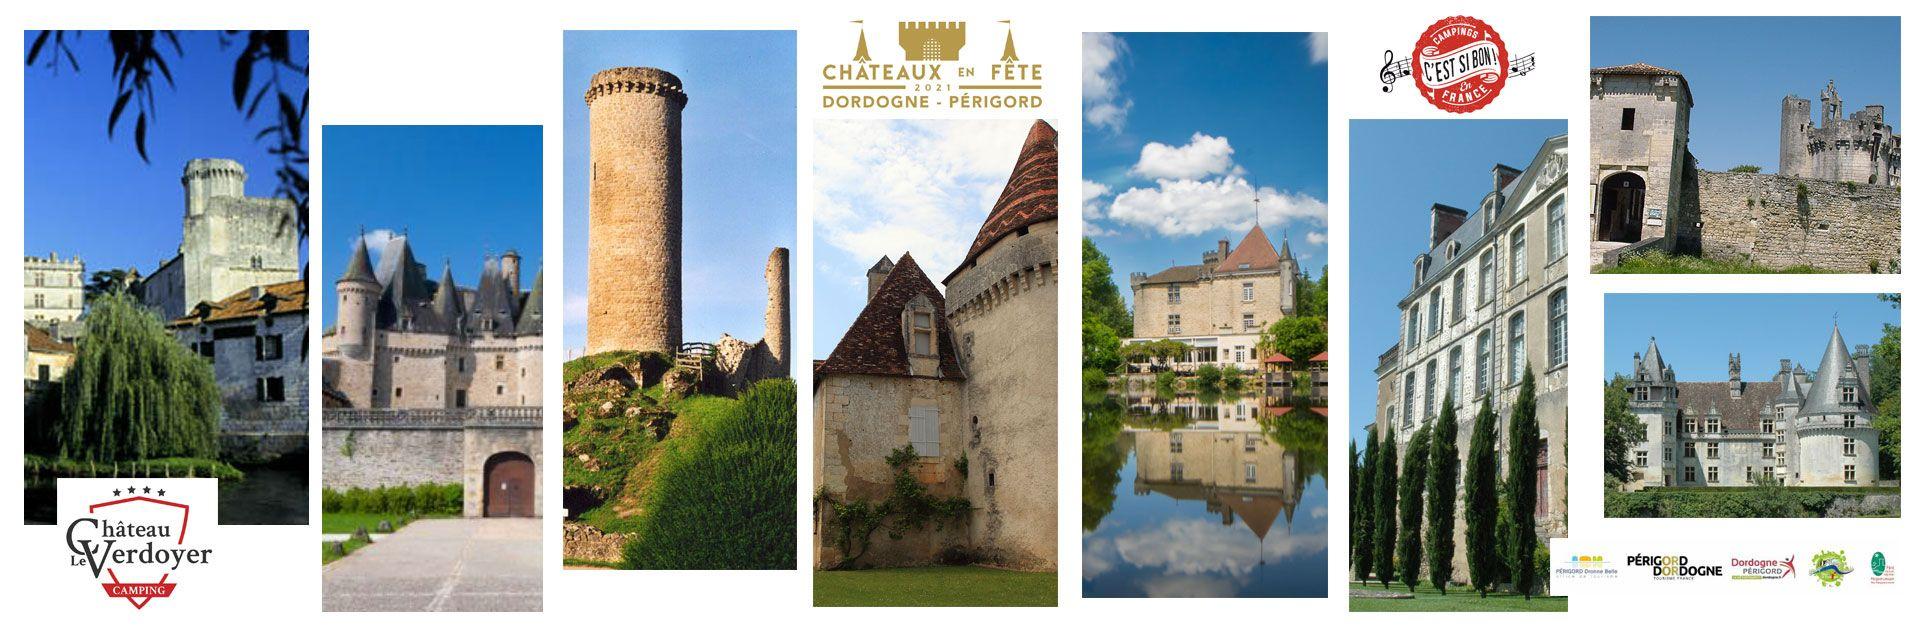 Châteaux en fête Verdoyer Dordogne Périgord Vert